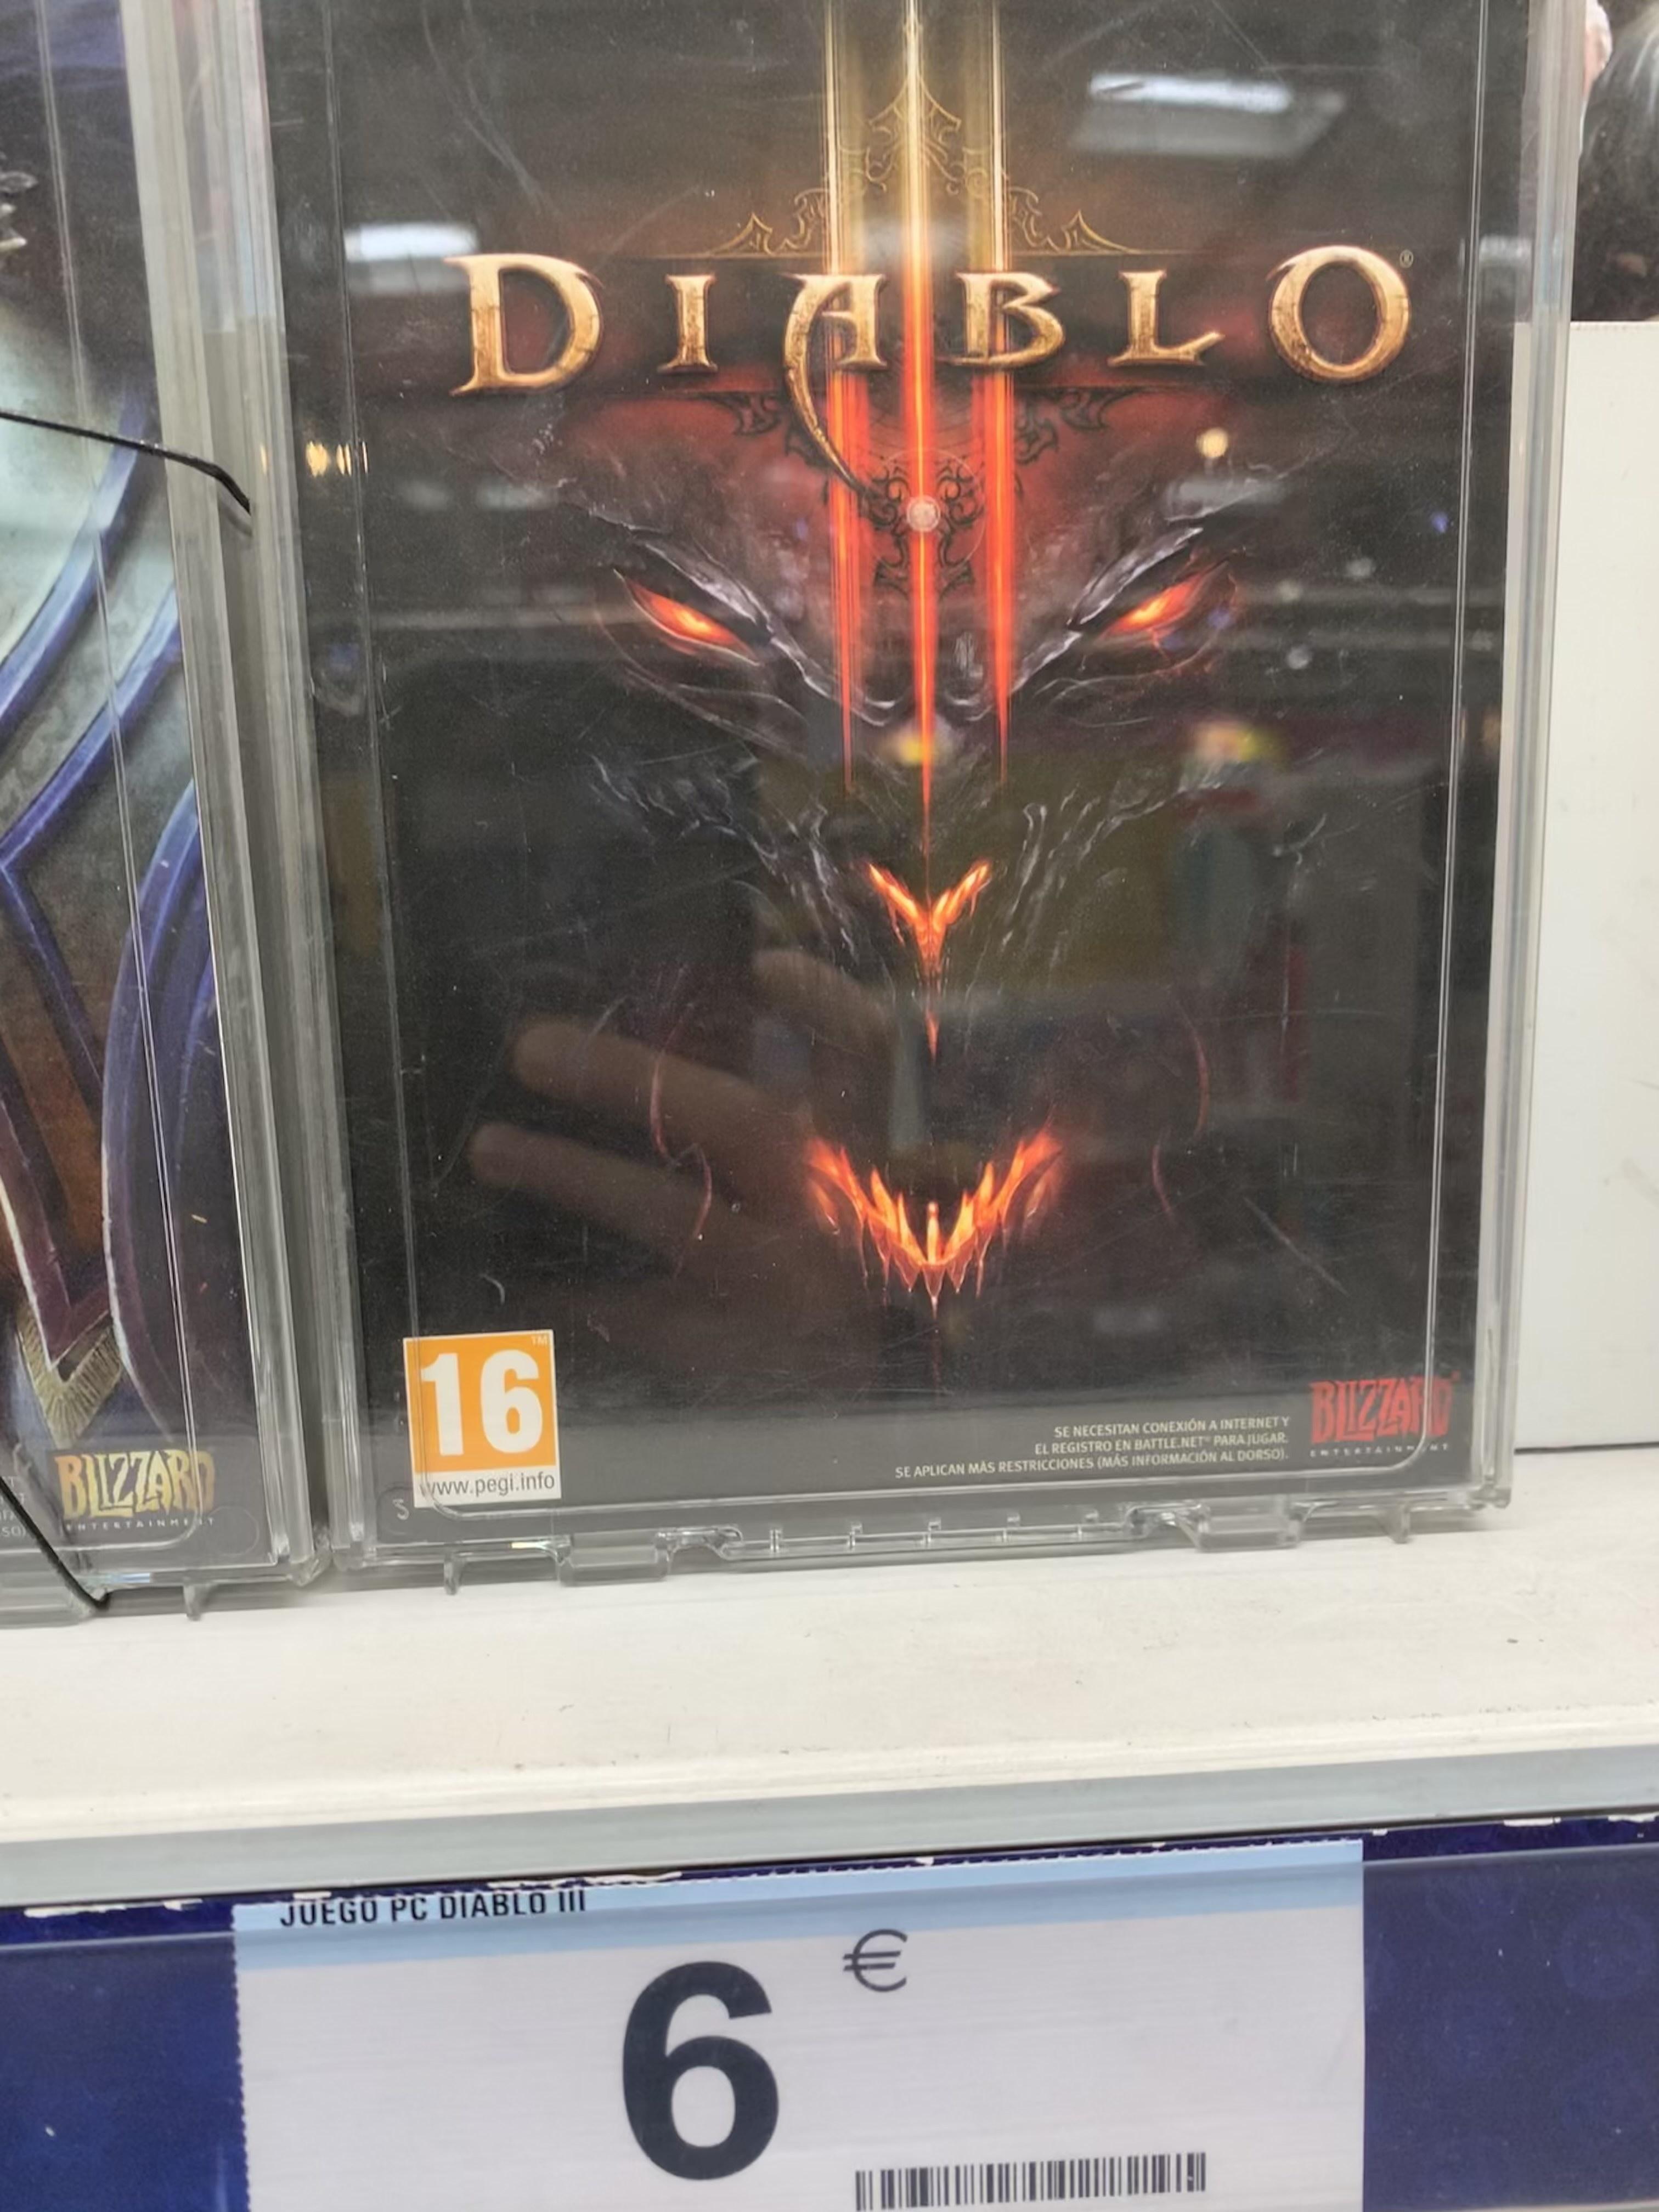 Diablo III PC en Carrefour (Málaga)